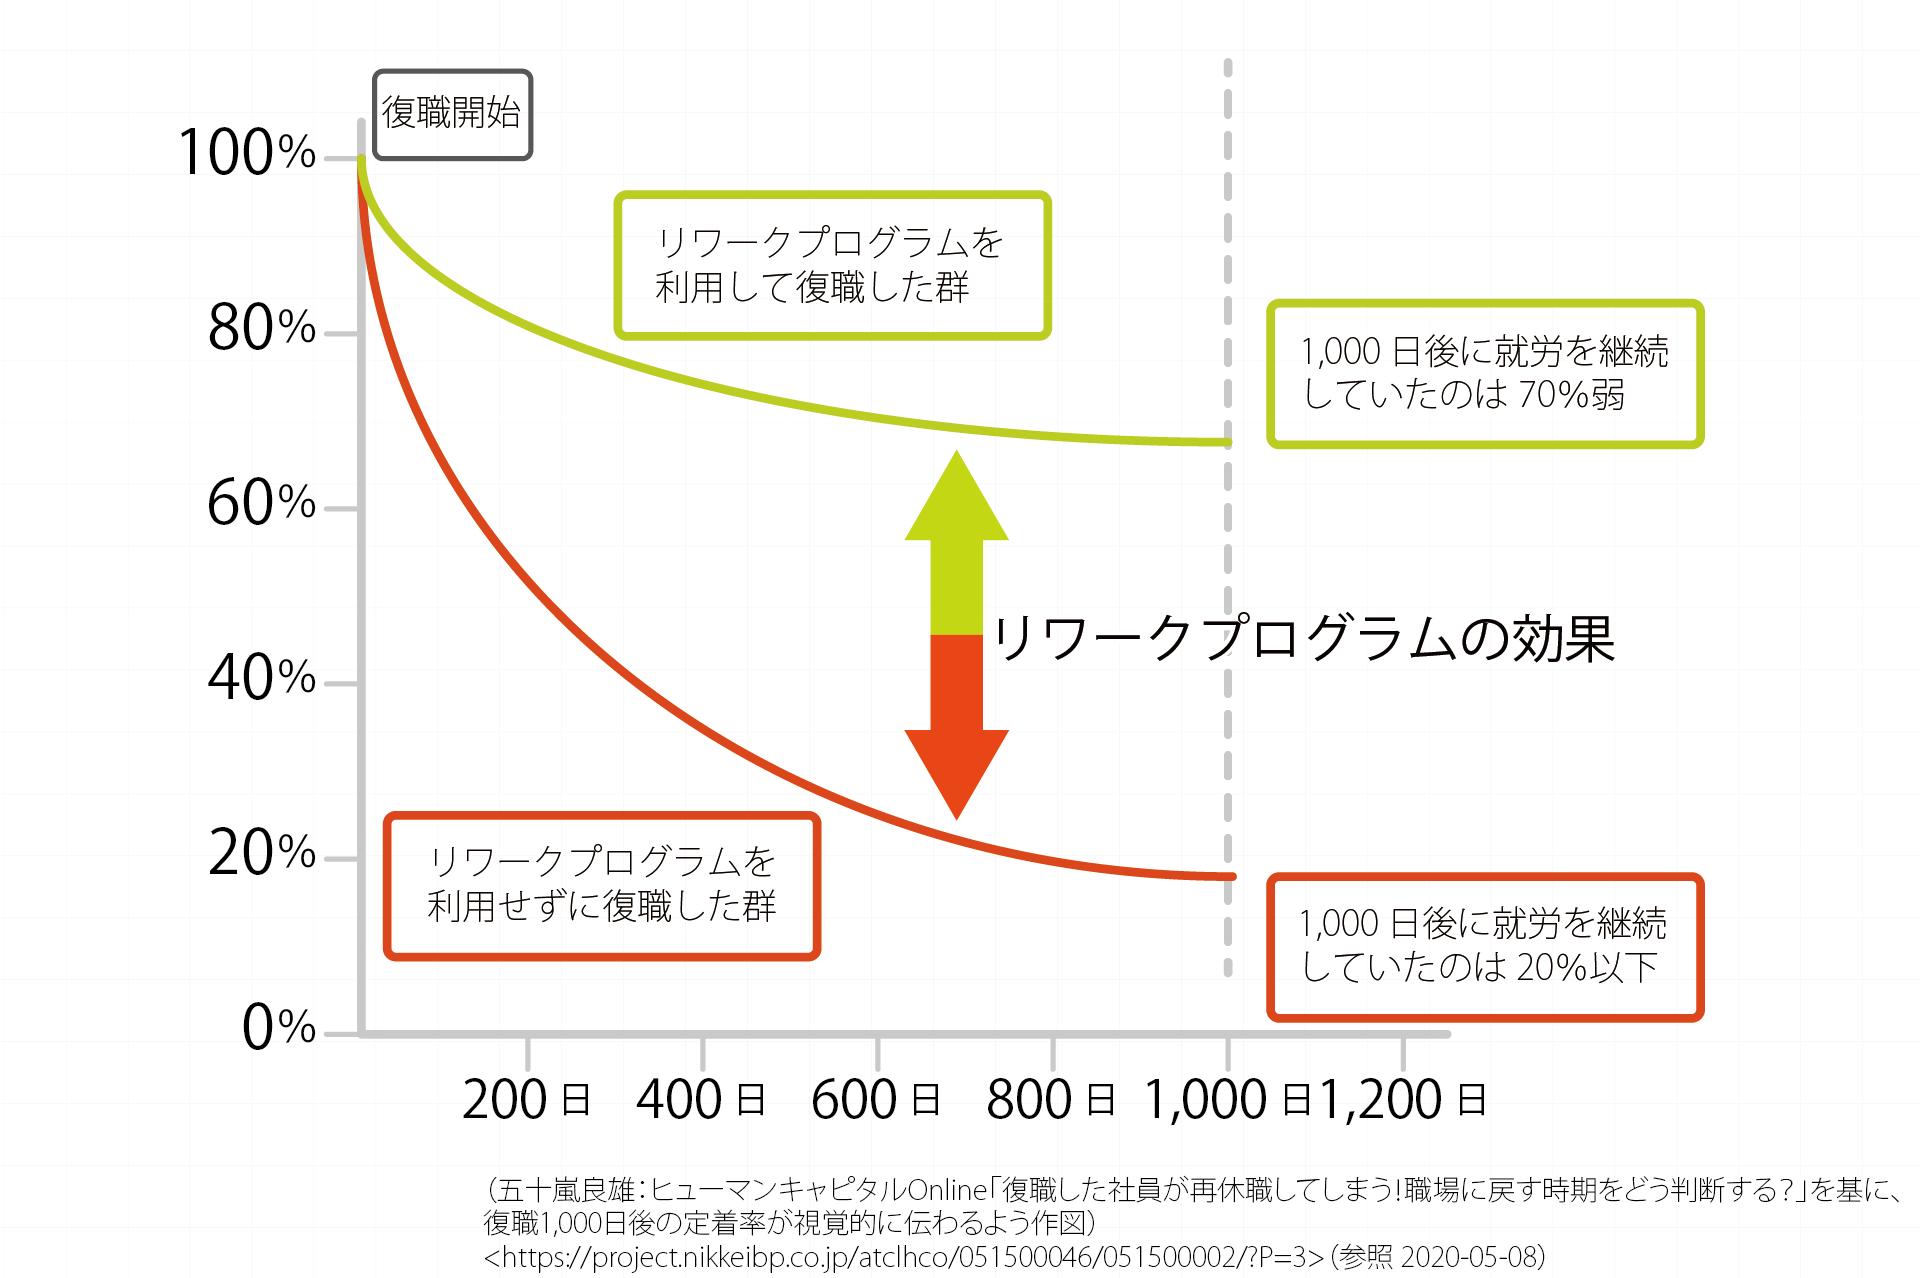 定着率のグラフ